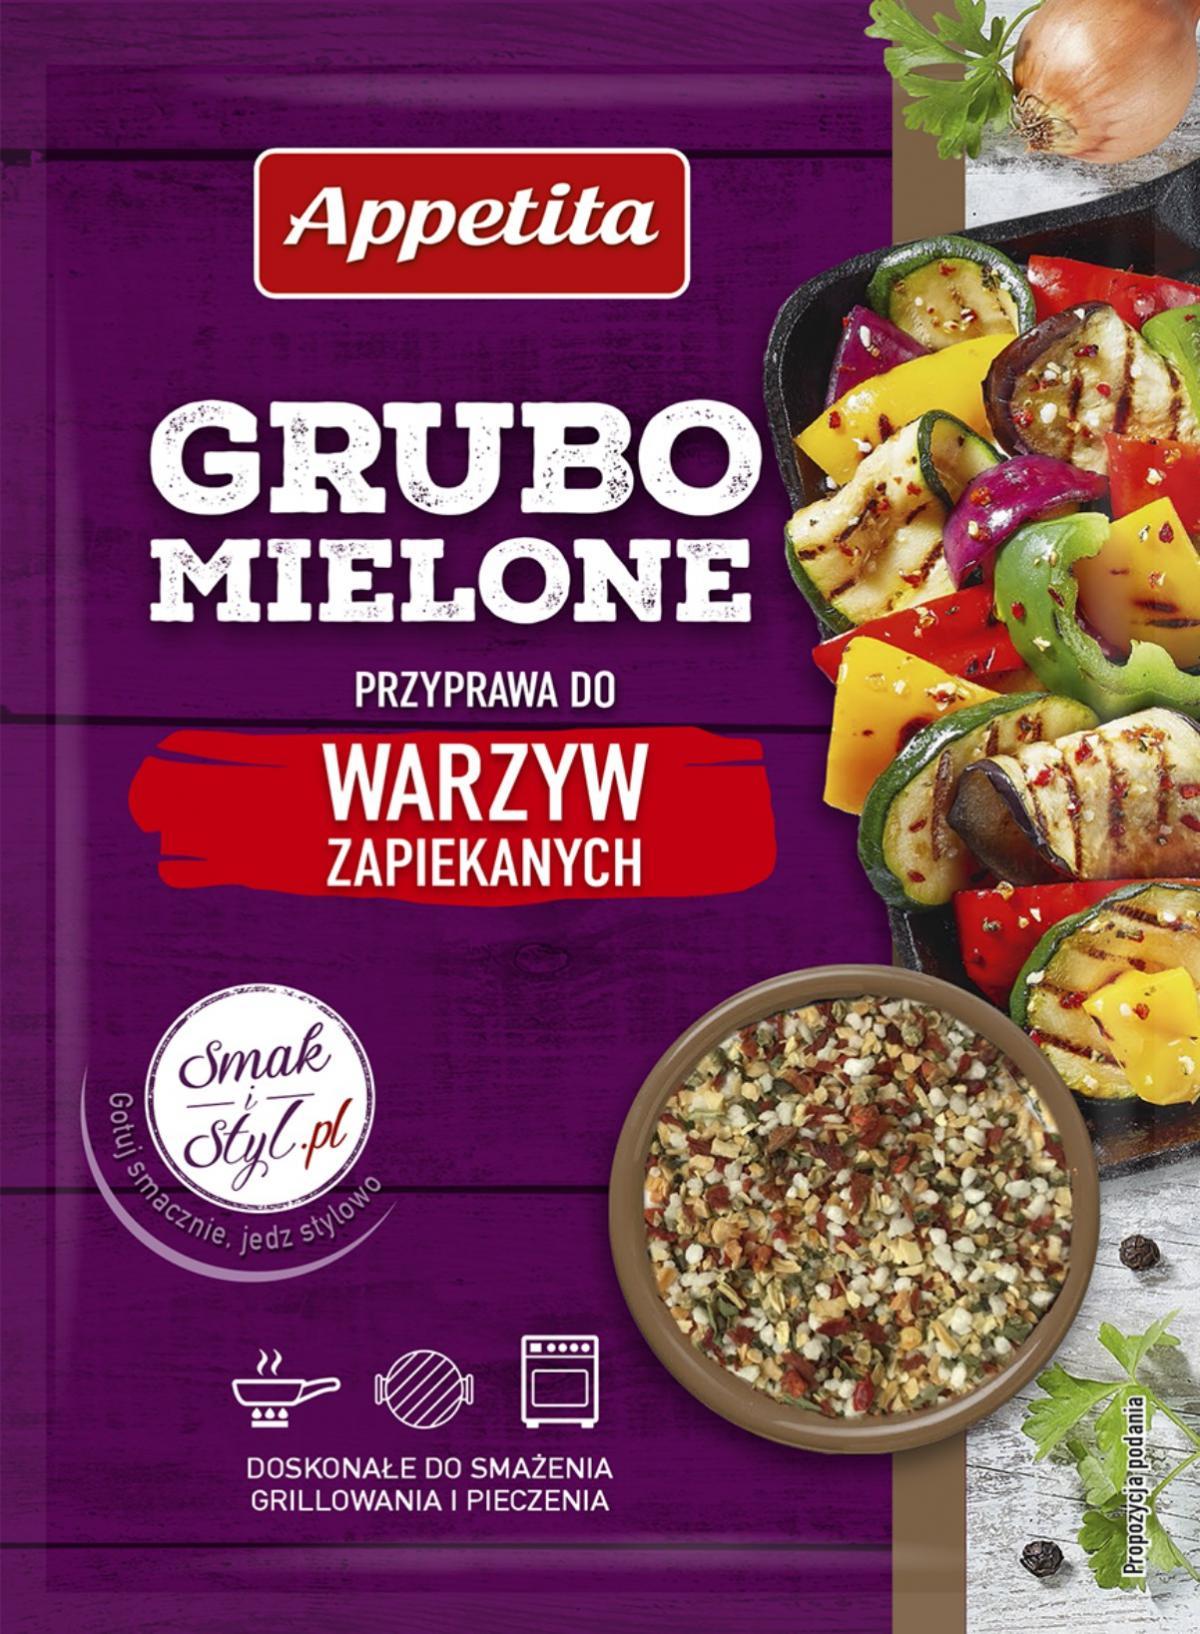 appetita do warzyw